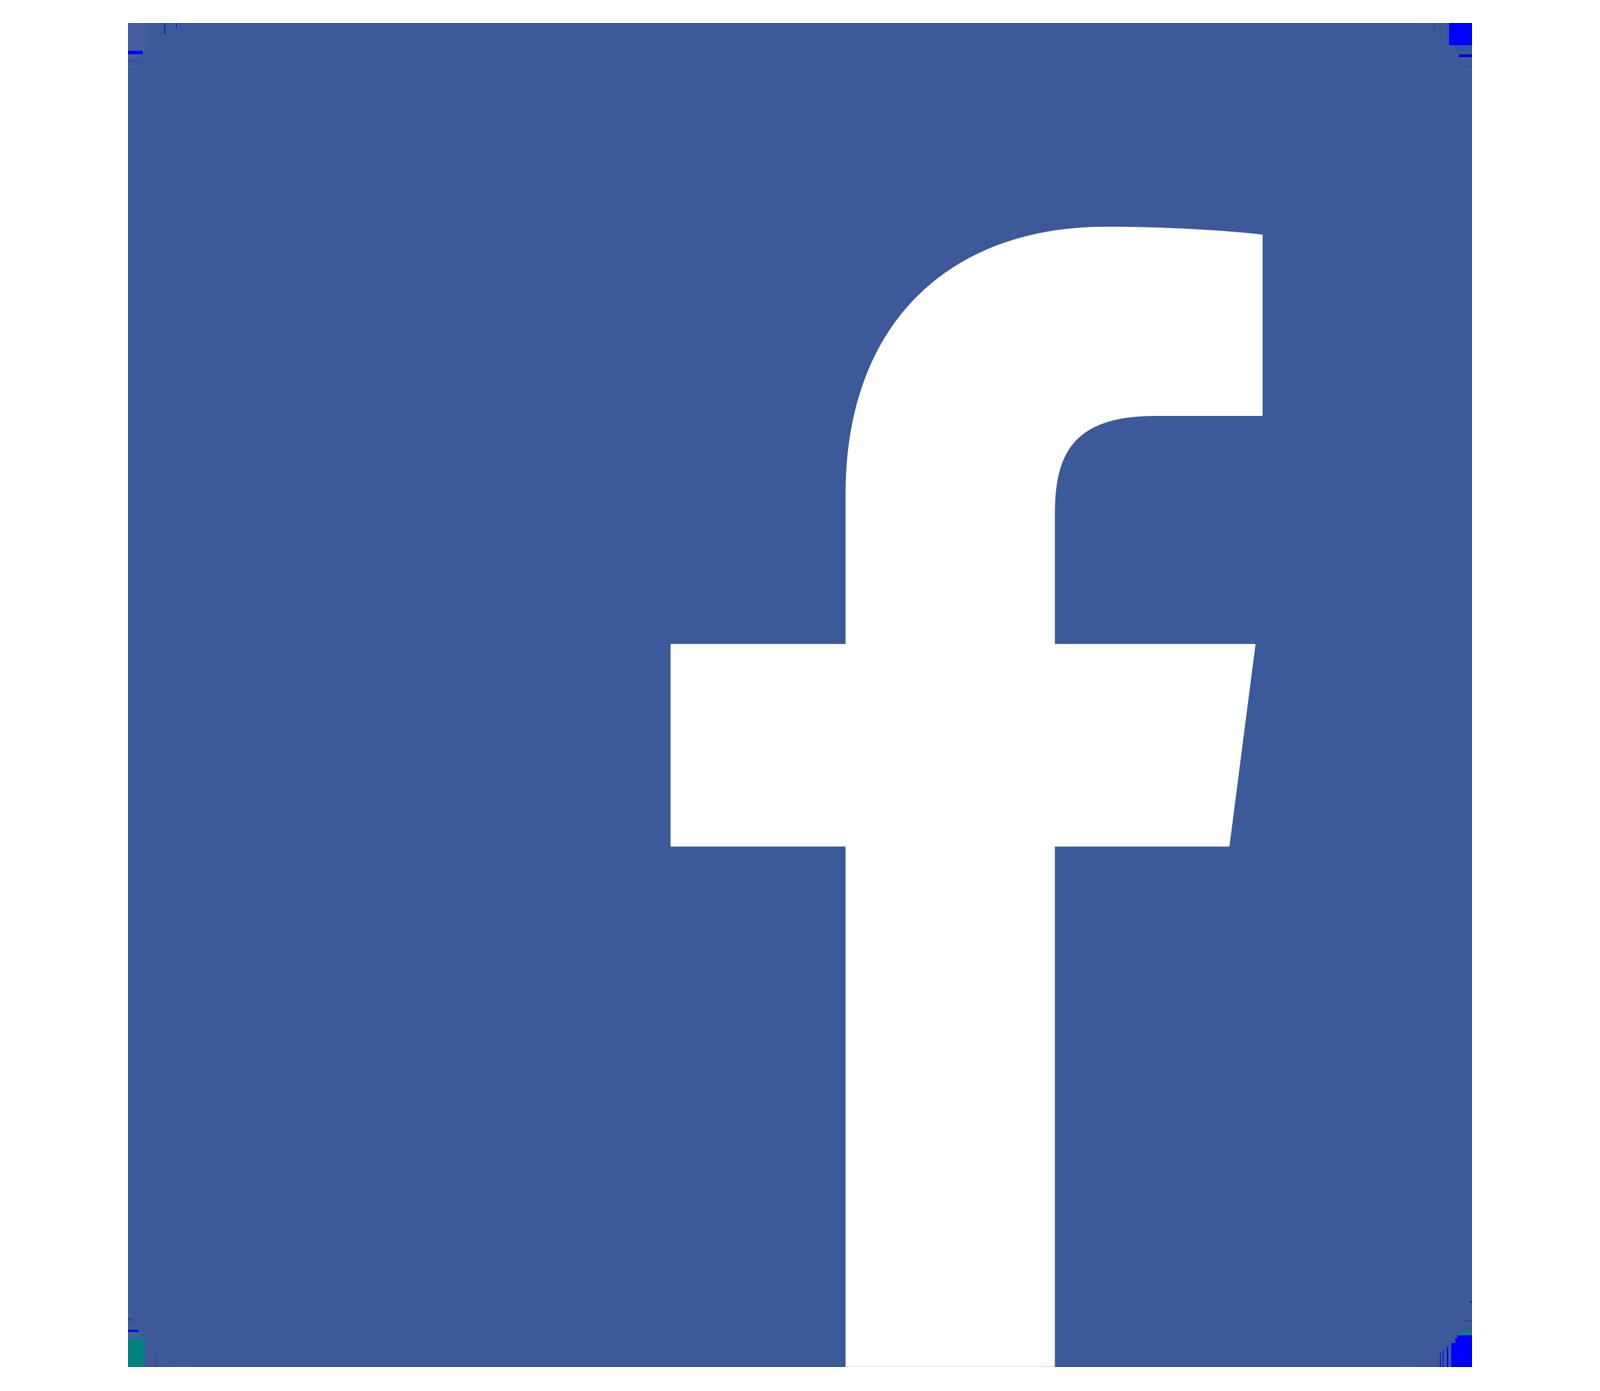 logo facebook 2017